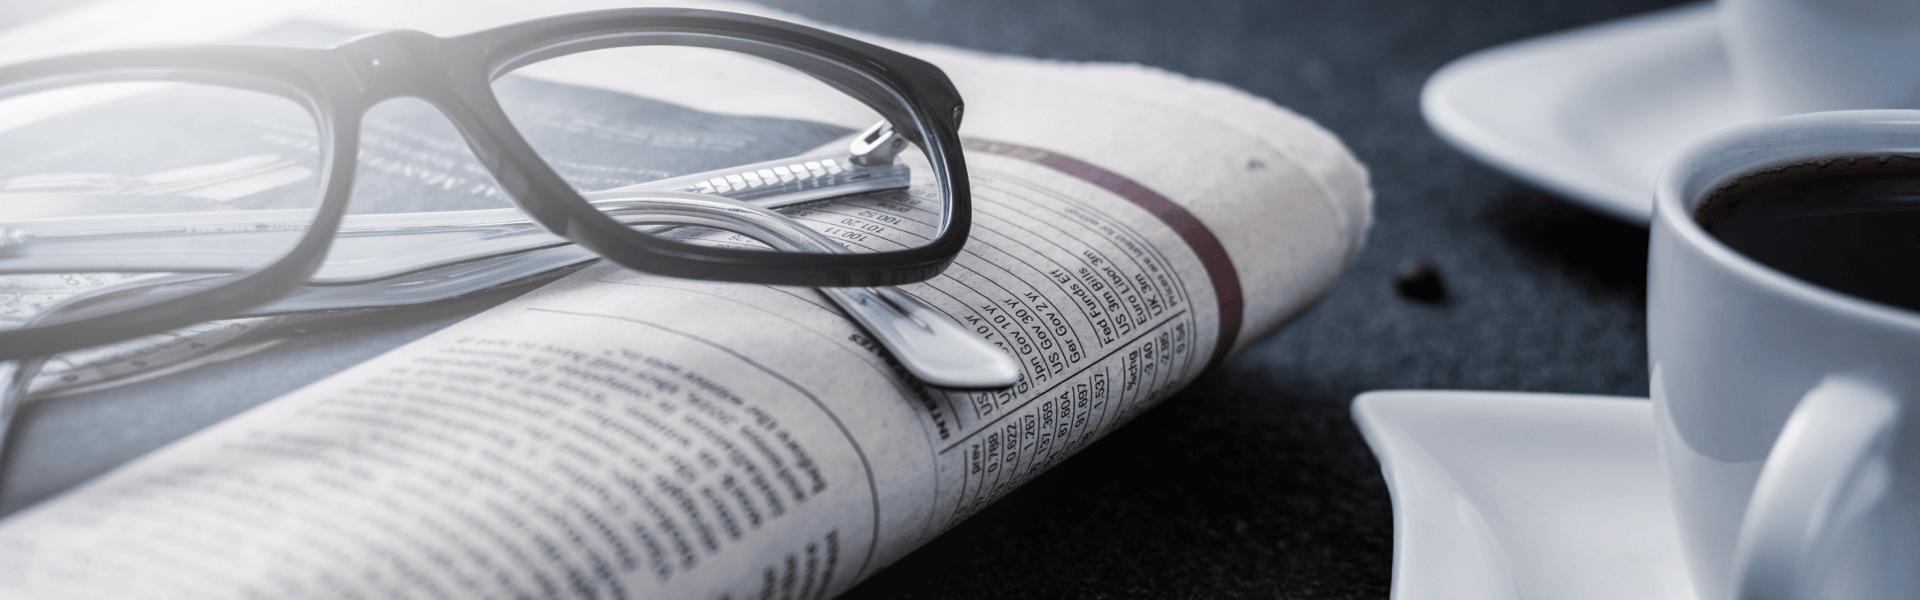 News & Blogs